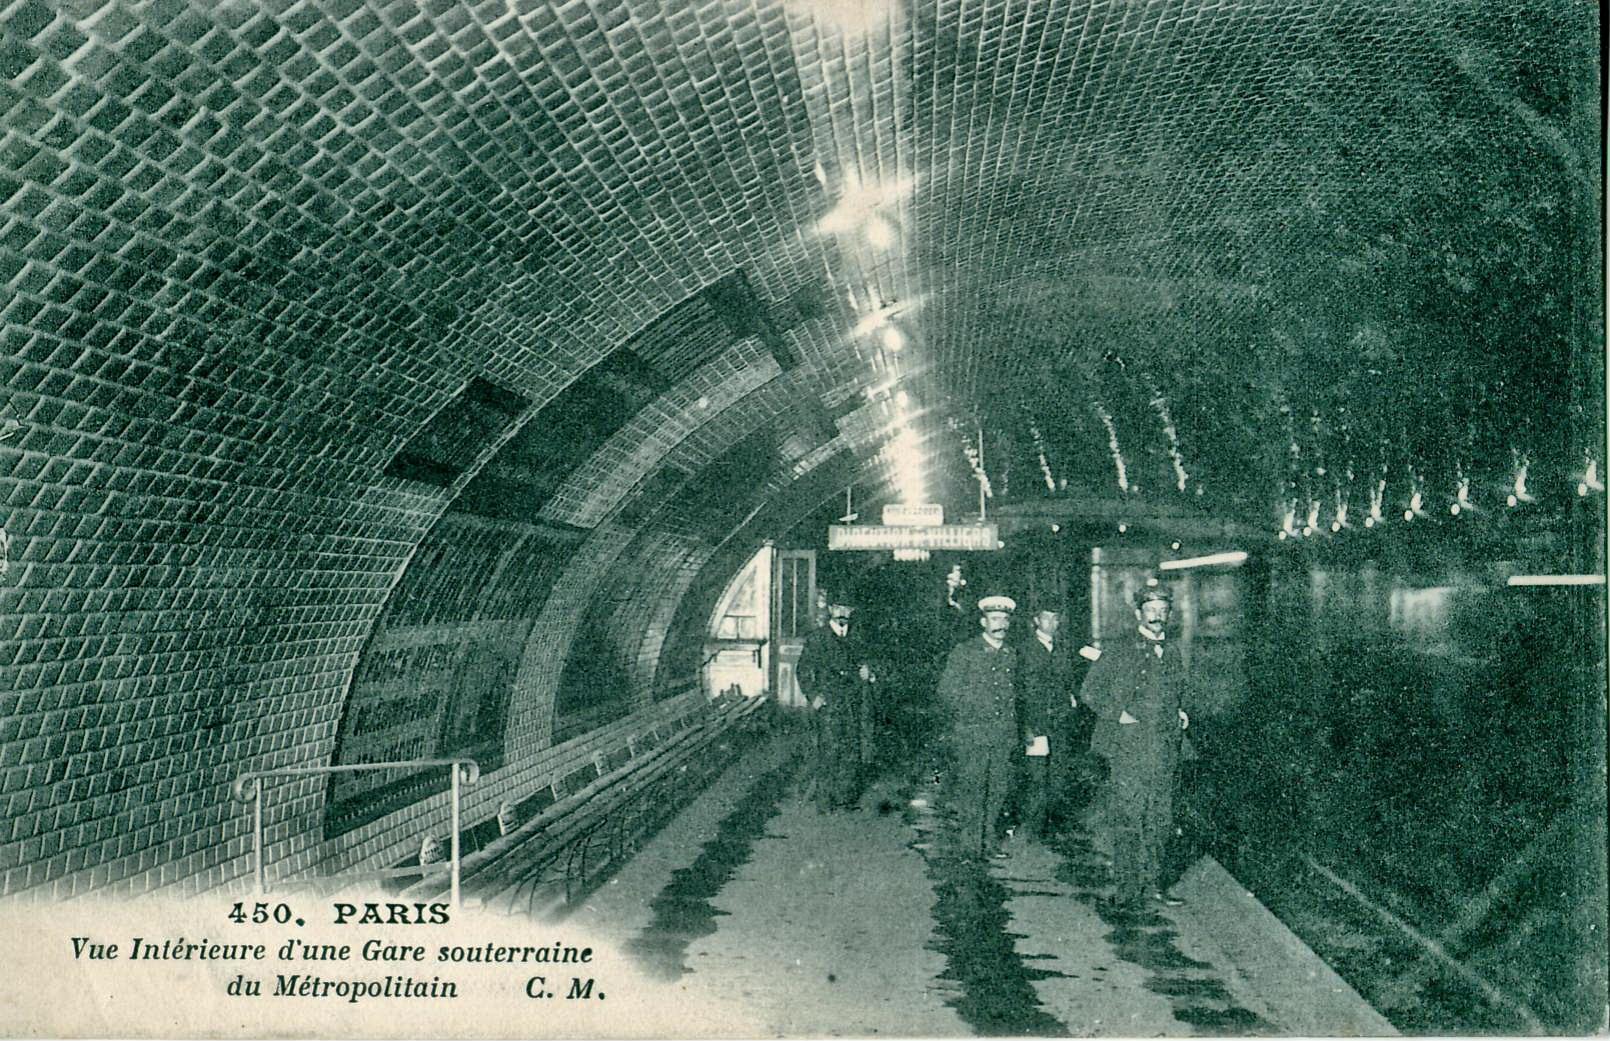 CM 450 PARIS Vue intérieure d une gare souterraine du Métropolitain JPG